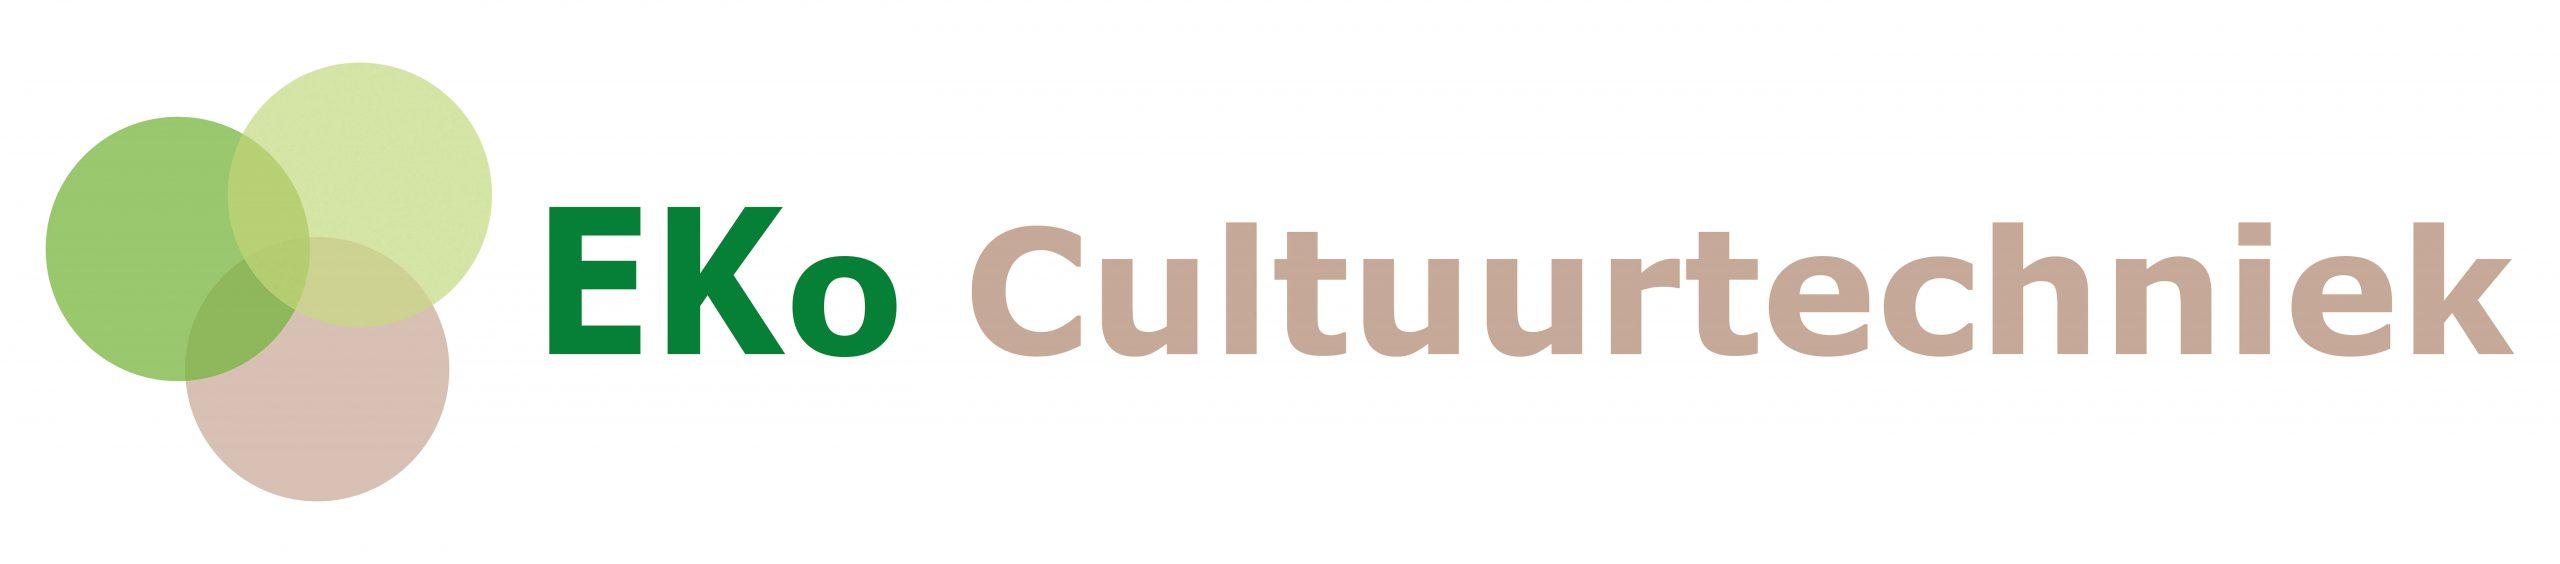 EKO Cultuurtechniek